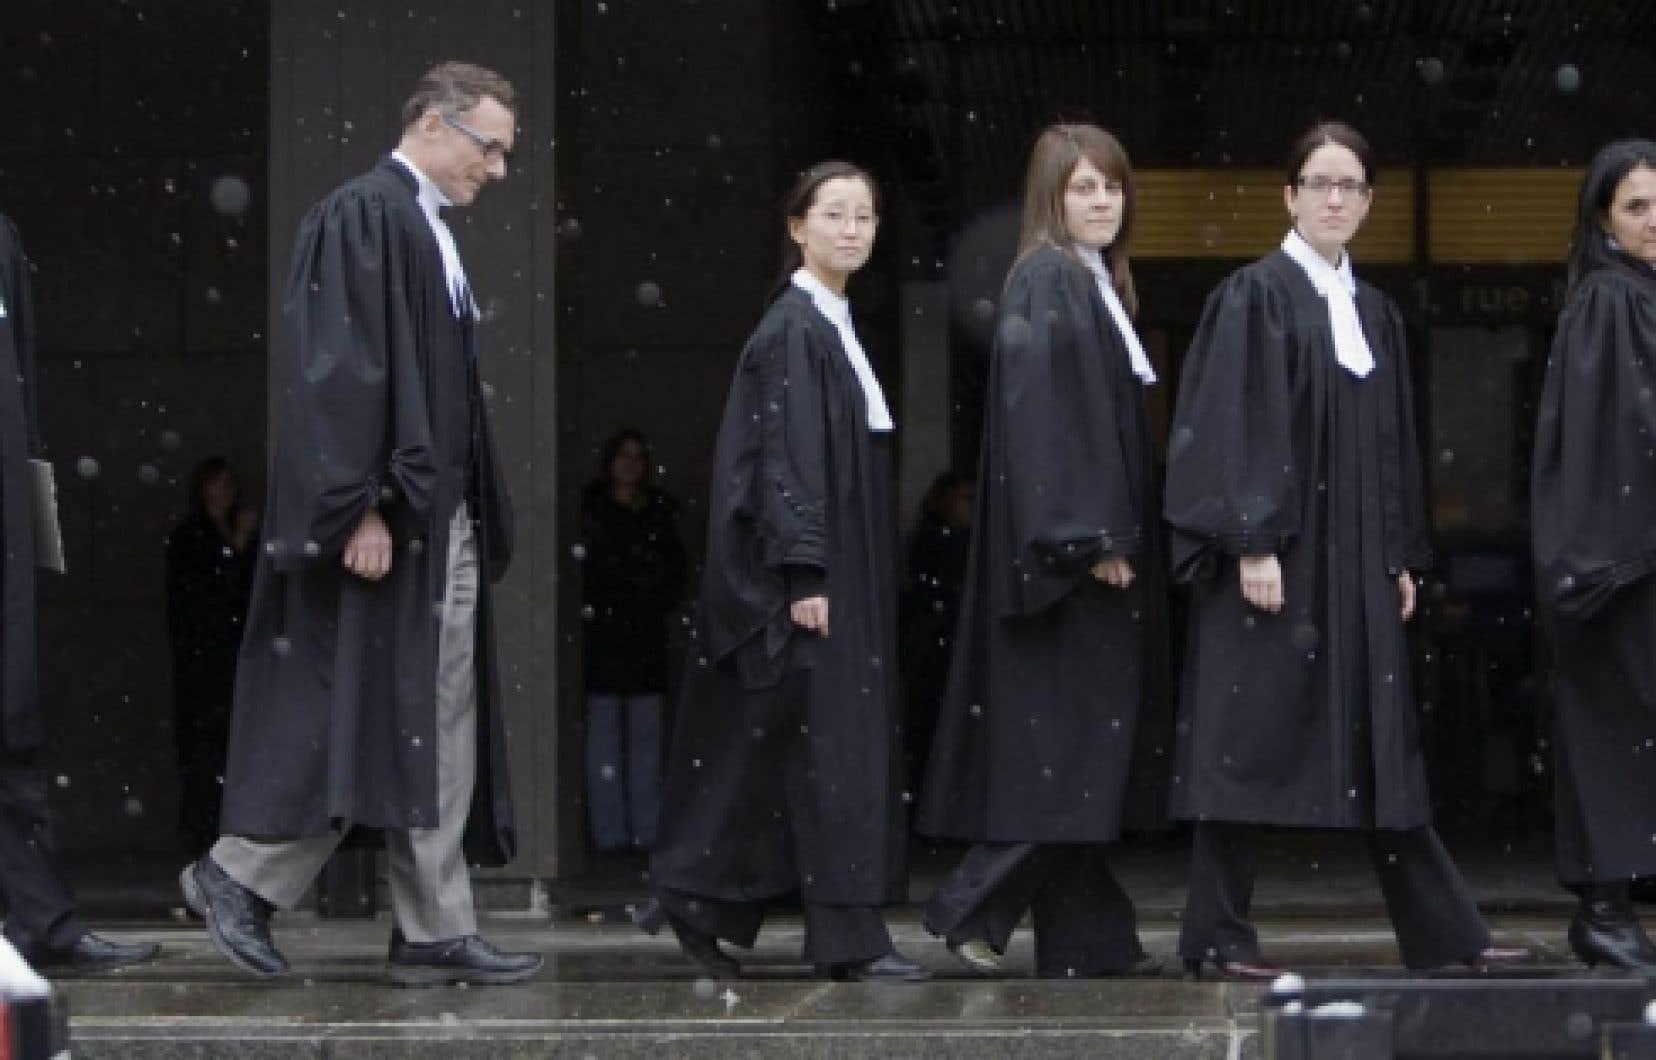 Des procureurs de la Couronne au palais de justice de Montréal, hier. Les procureurs et les juristes de l'État devaient déclencher la grève à minuit.<br />